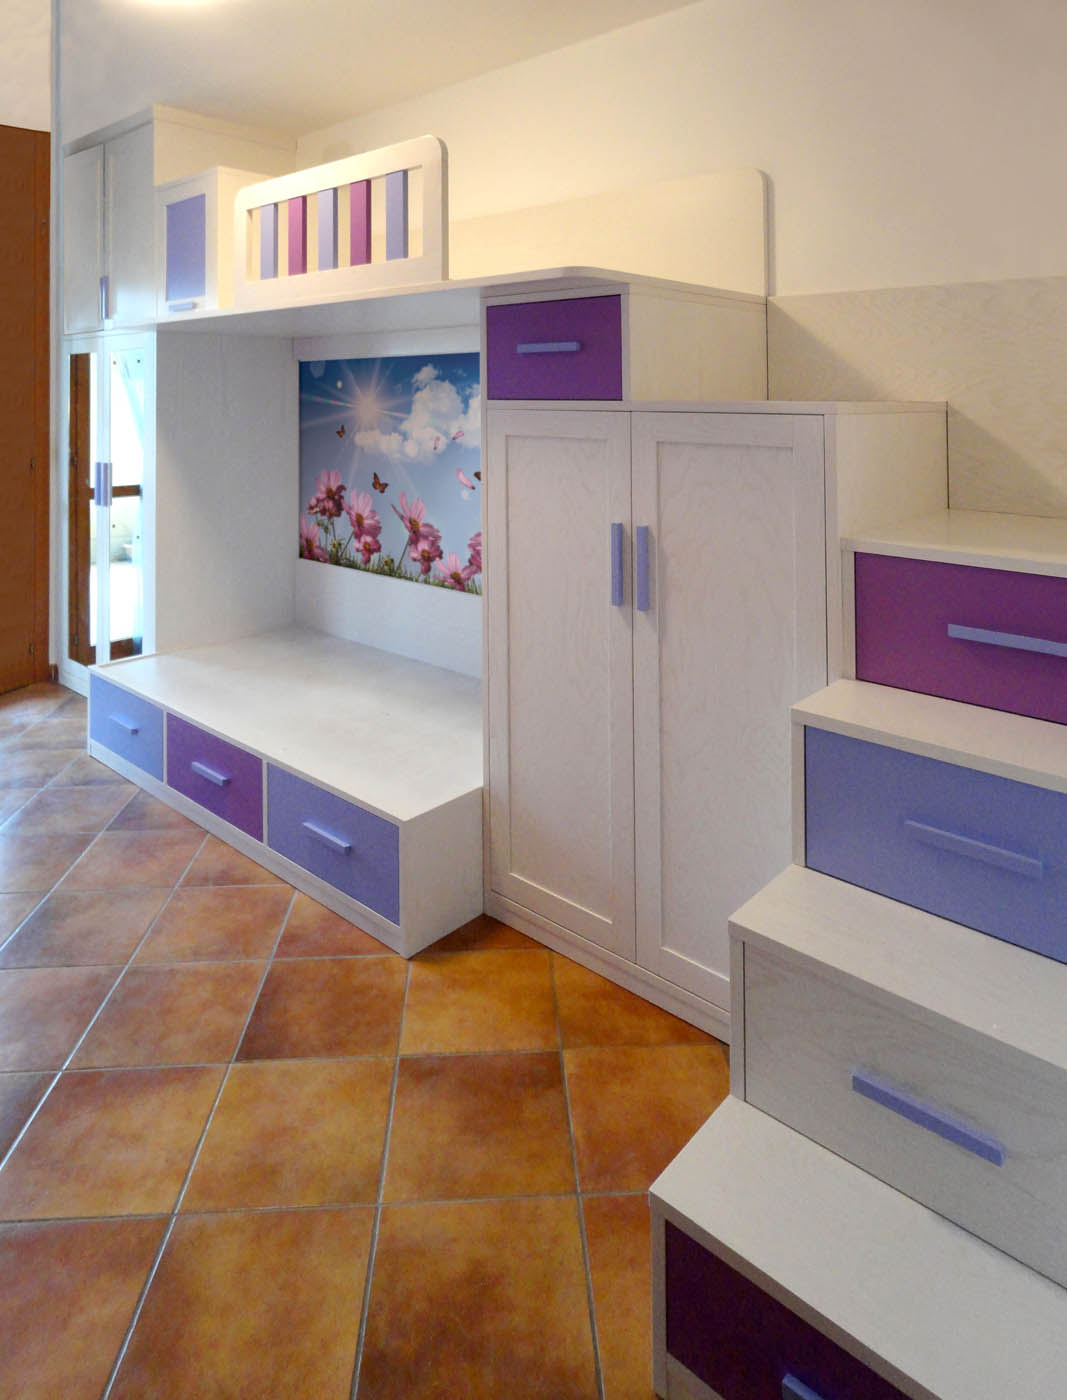 Foto camerette su misura falegnamerie design - Cameretta letto soppalco ...